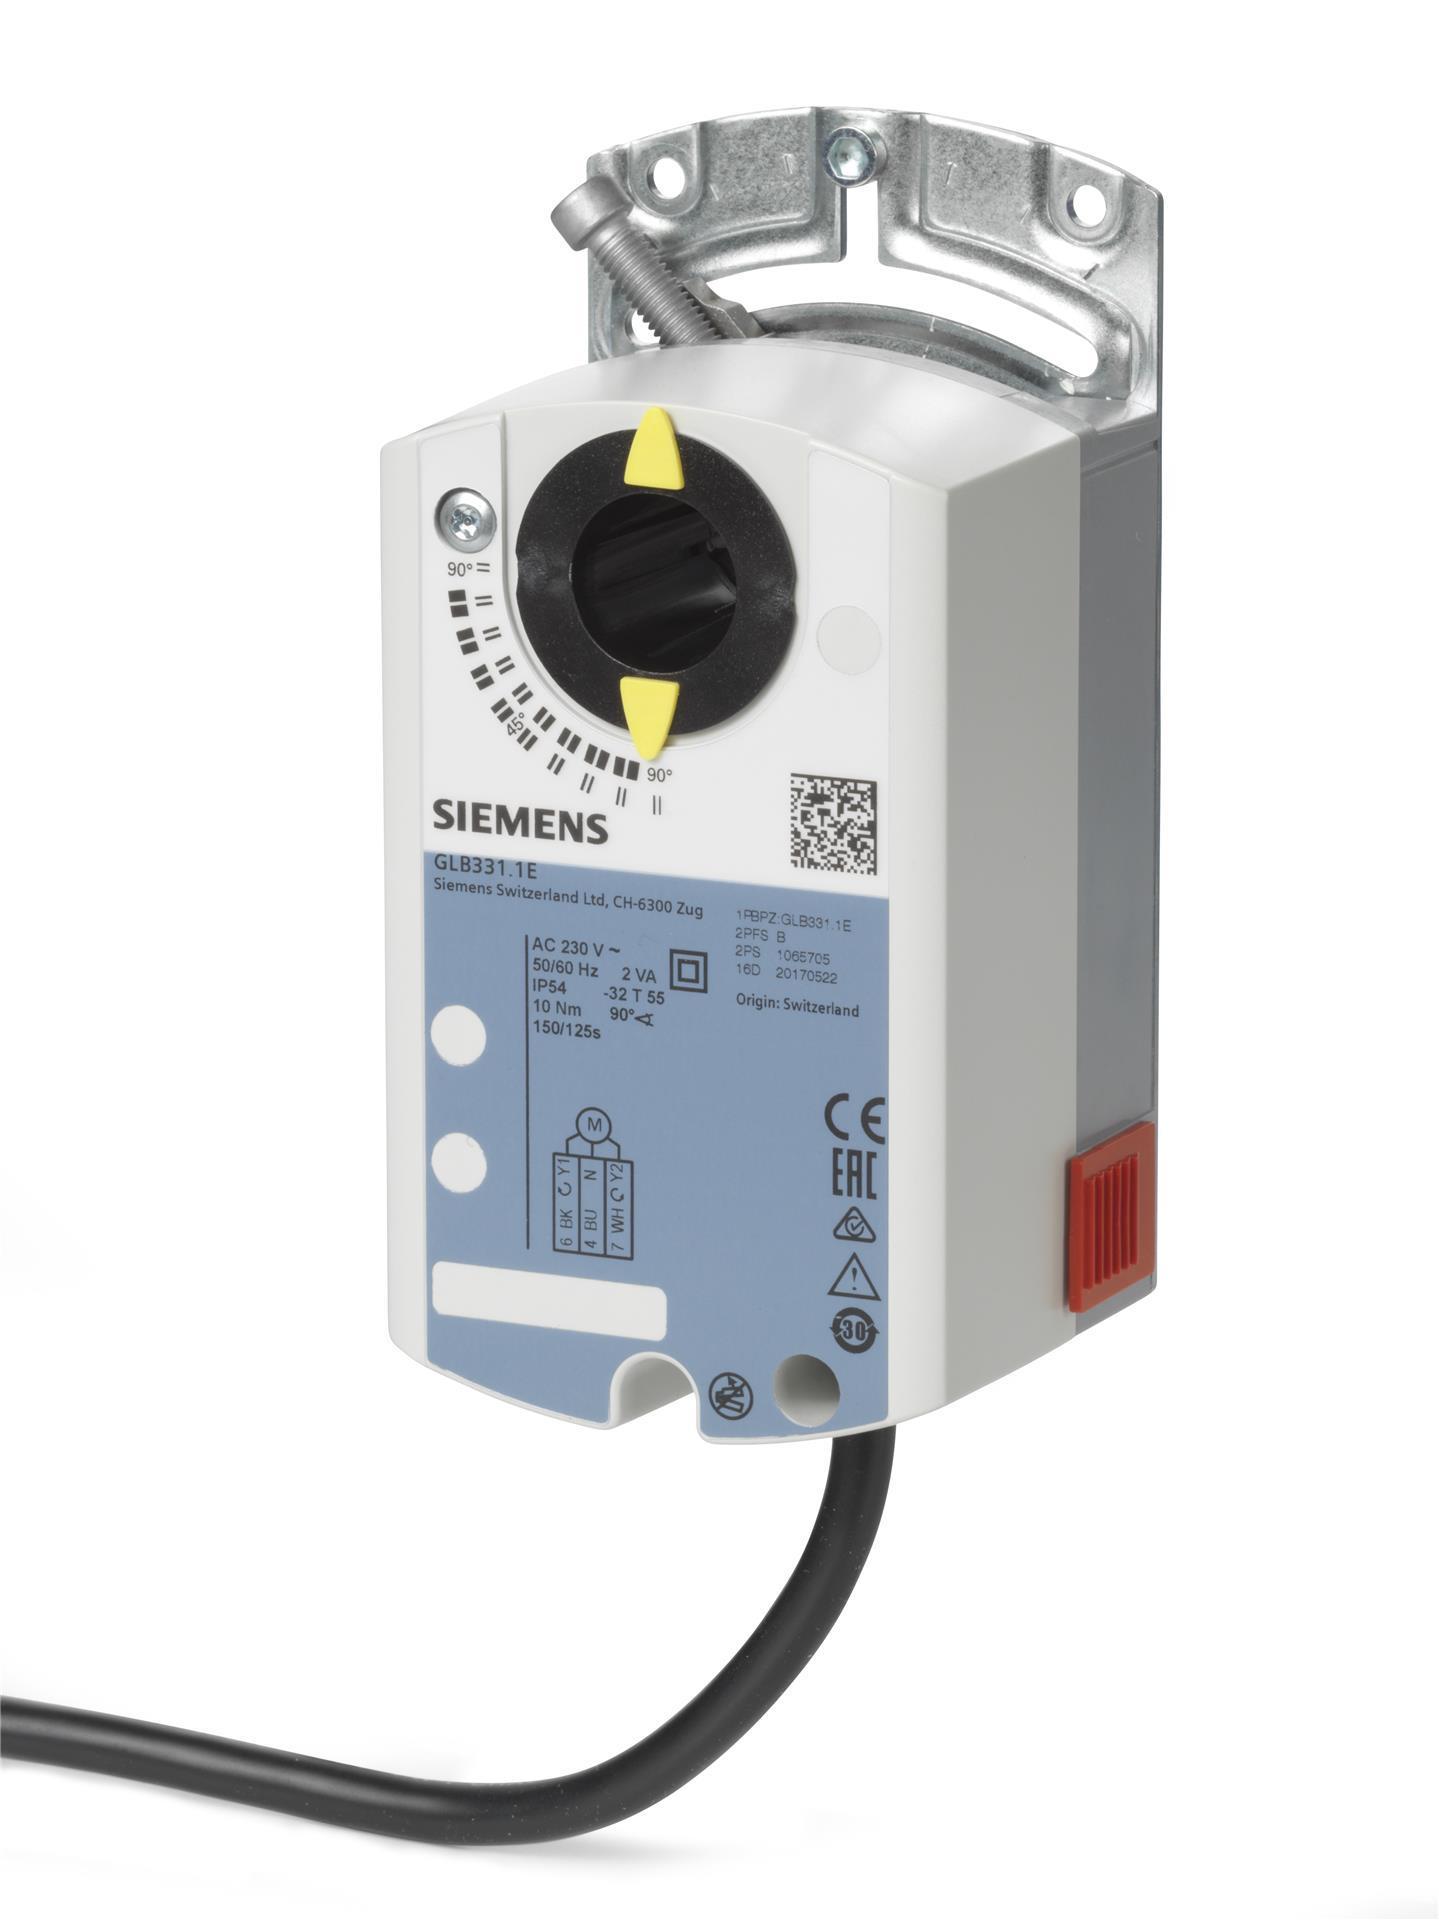 Электропривод Siemens GDB331.1E/KF